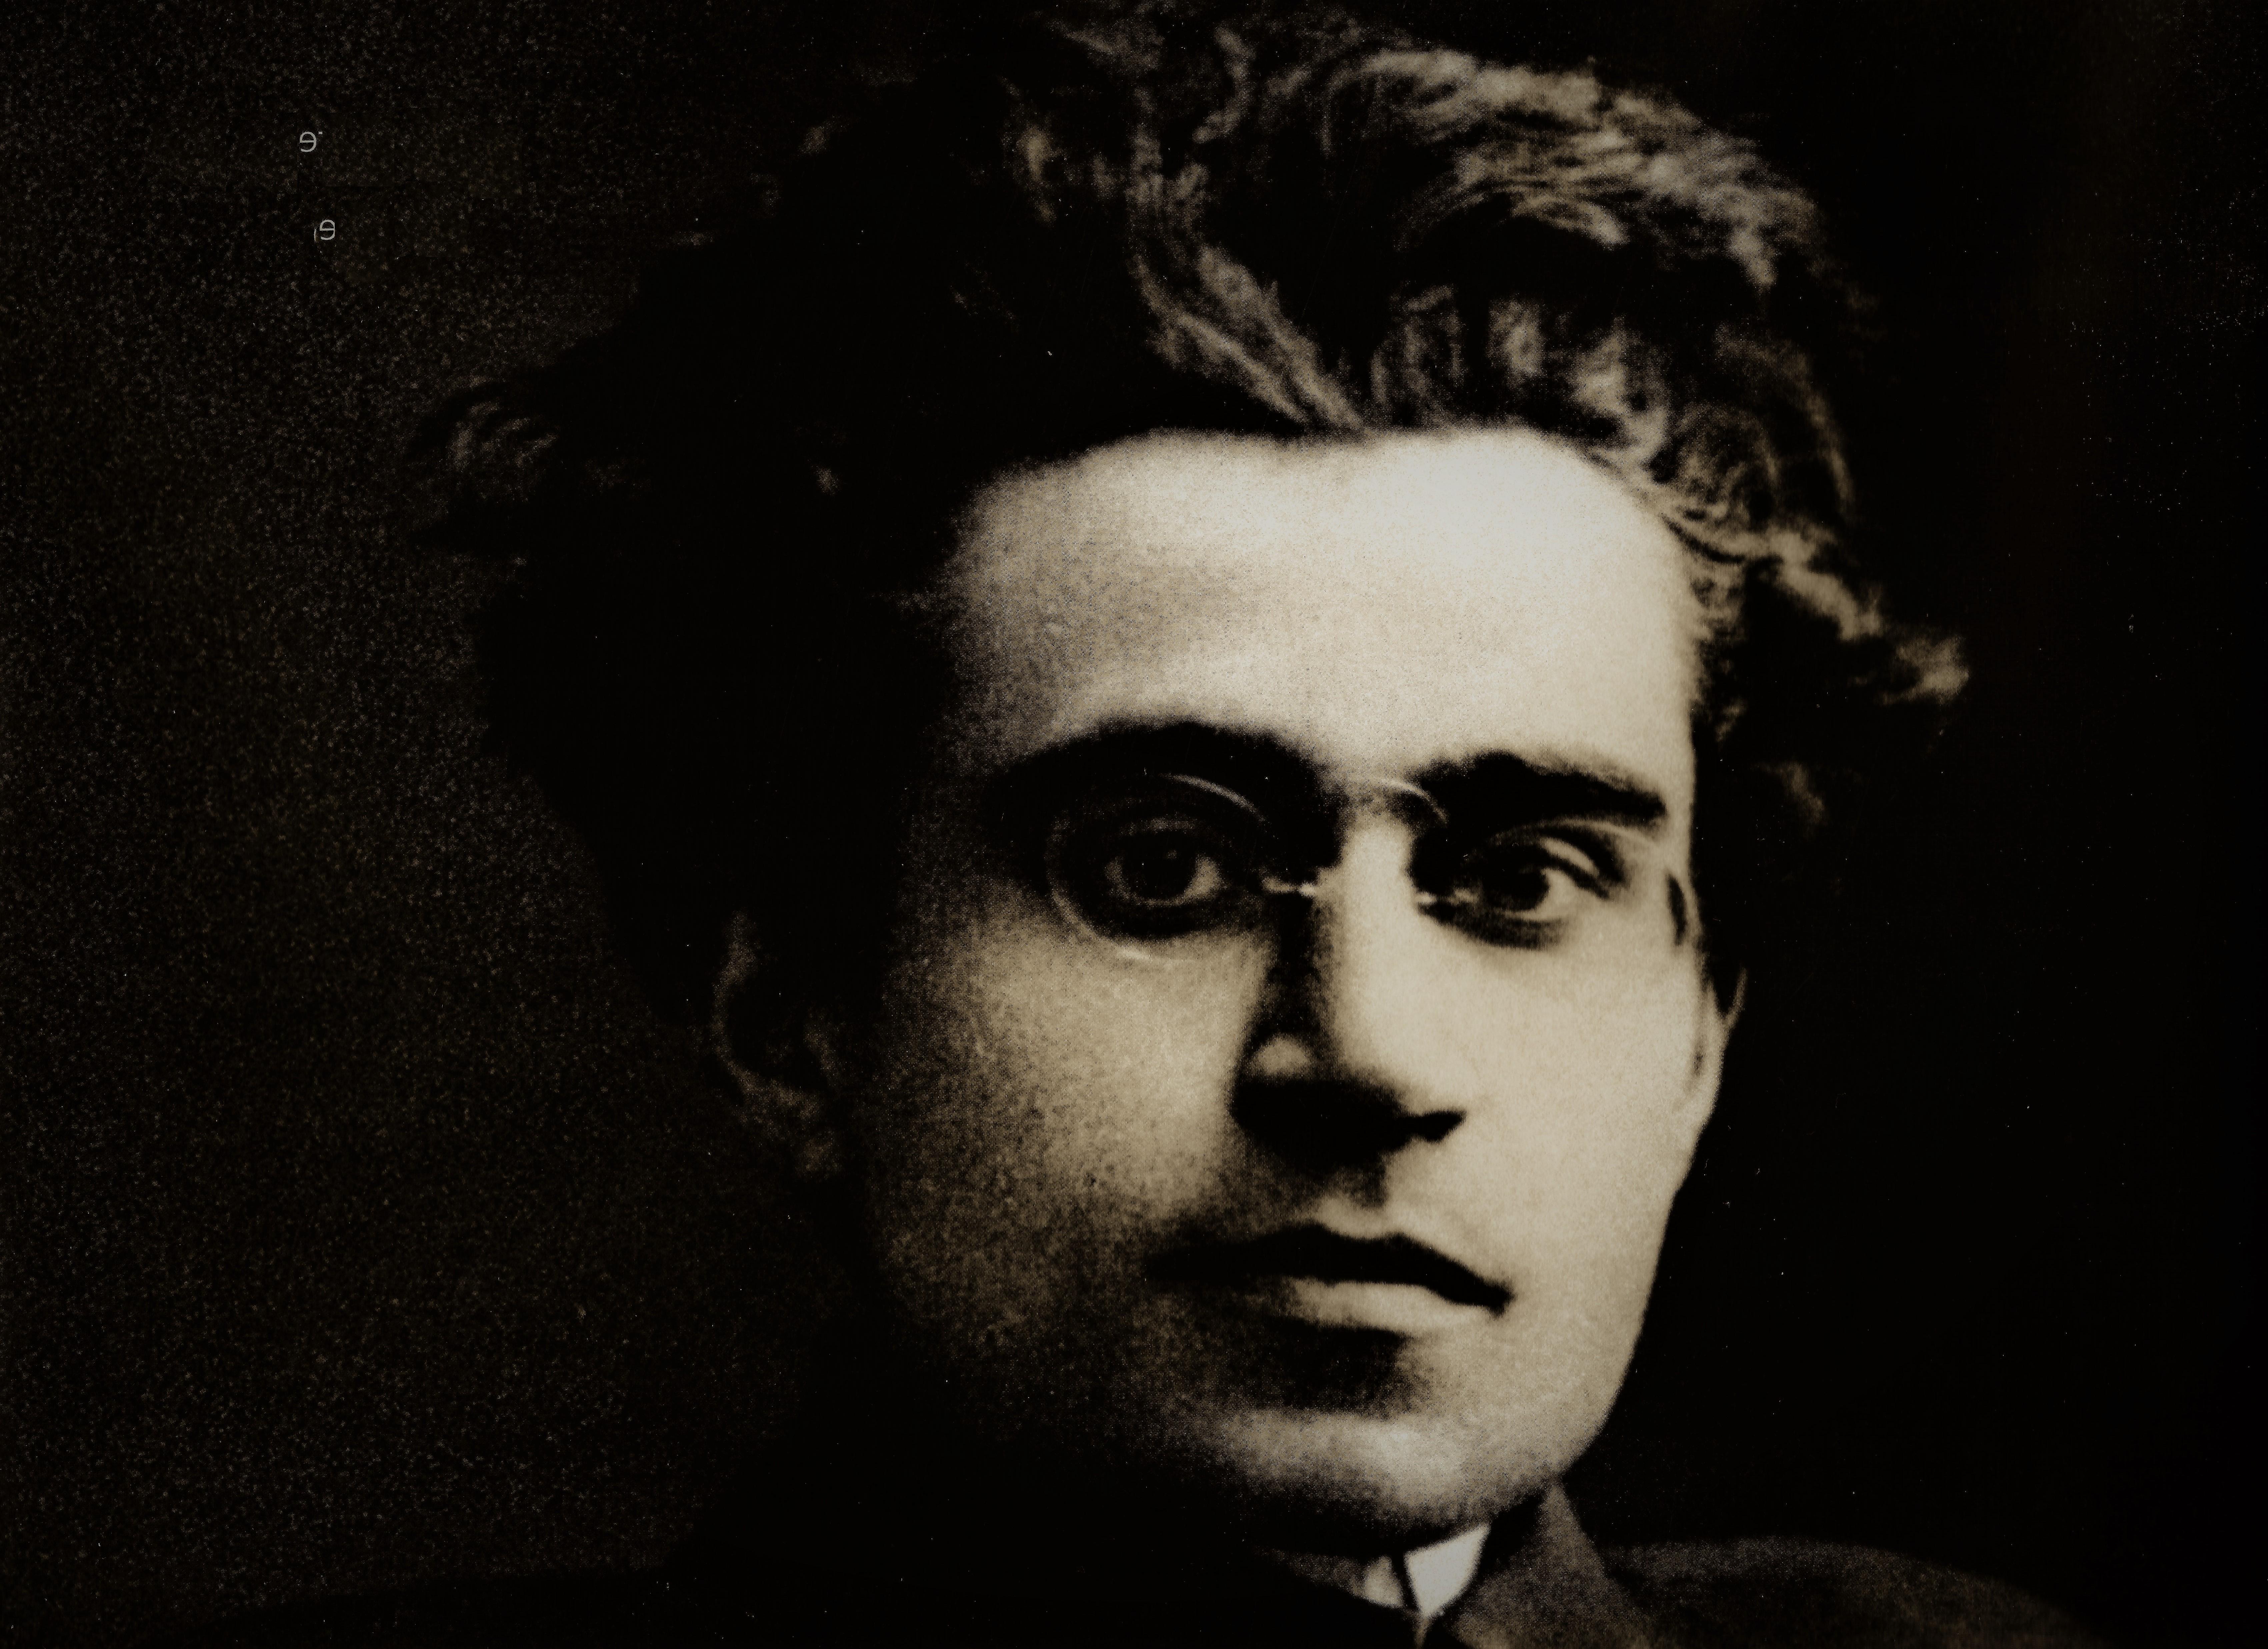 antonio gramsci Antonio gramsci [gramši] (23 ledna 1891, ales – 27 dubna 1937, řím) byl italský politik, publicista a marxistický filosof jako zakládající člen a vedle amadea bordigy, kterého vystřídal ve vedení, nejvýraznější osobnost komunistické strany itálie 20 let 20století, byl dlouhodobě vězněn mussoliniho fašistickým.